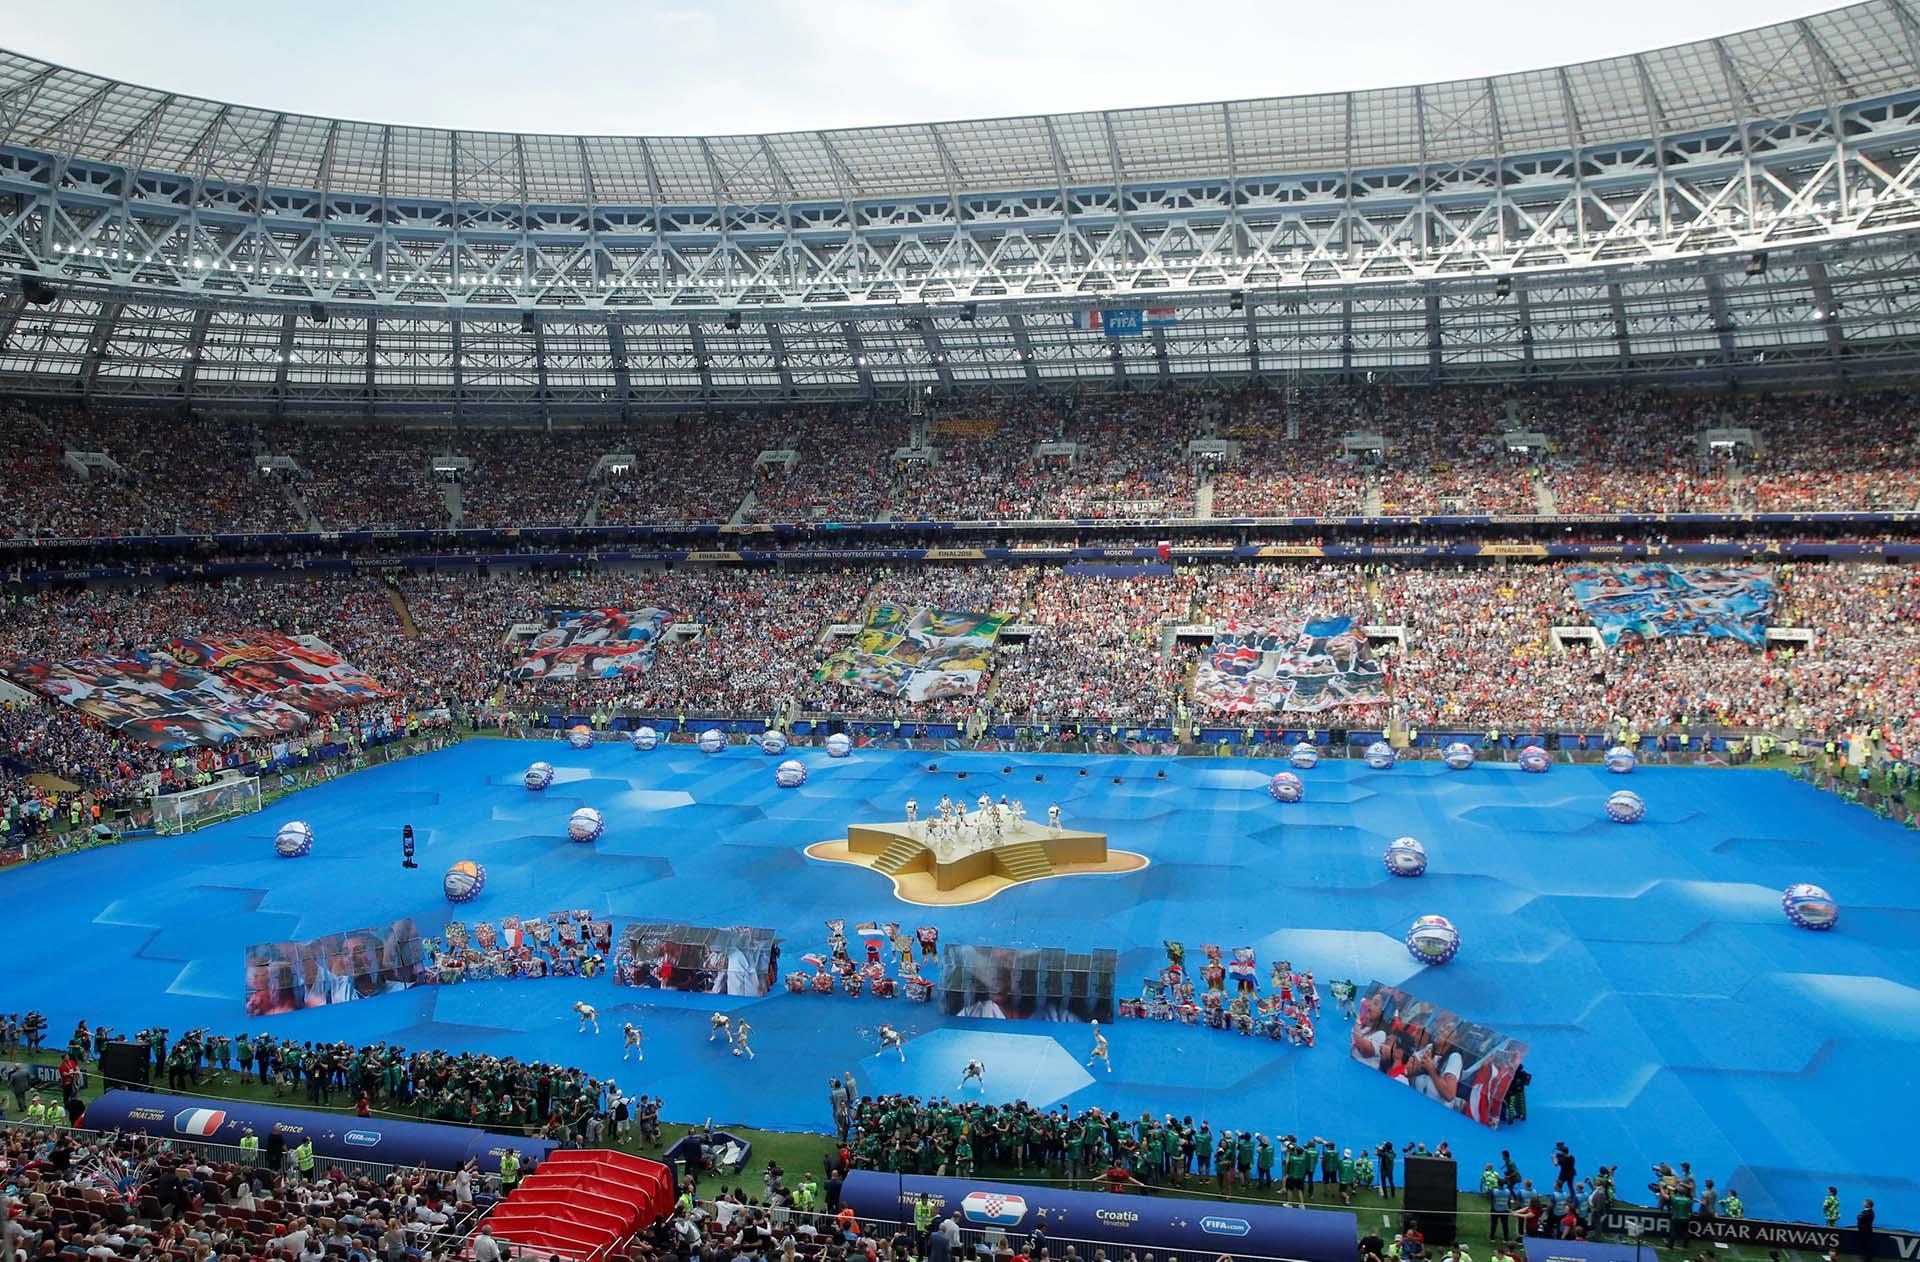 La final del Mundial de Rusia entre Croacia y Francias se jugó en el estadio Luzhniki (REUTERS/Maxim Shemetov)